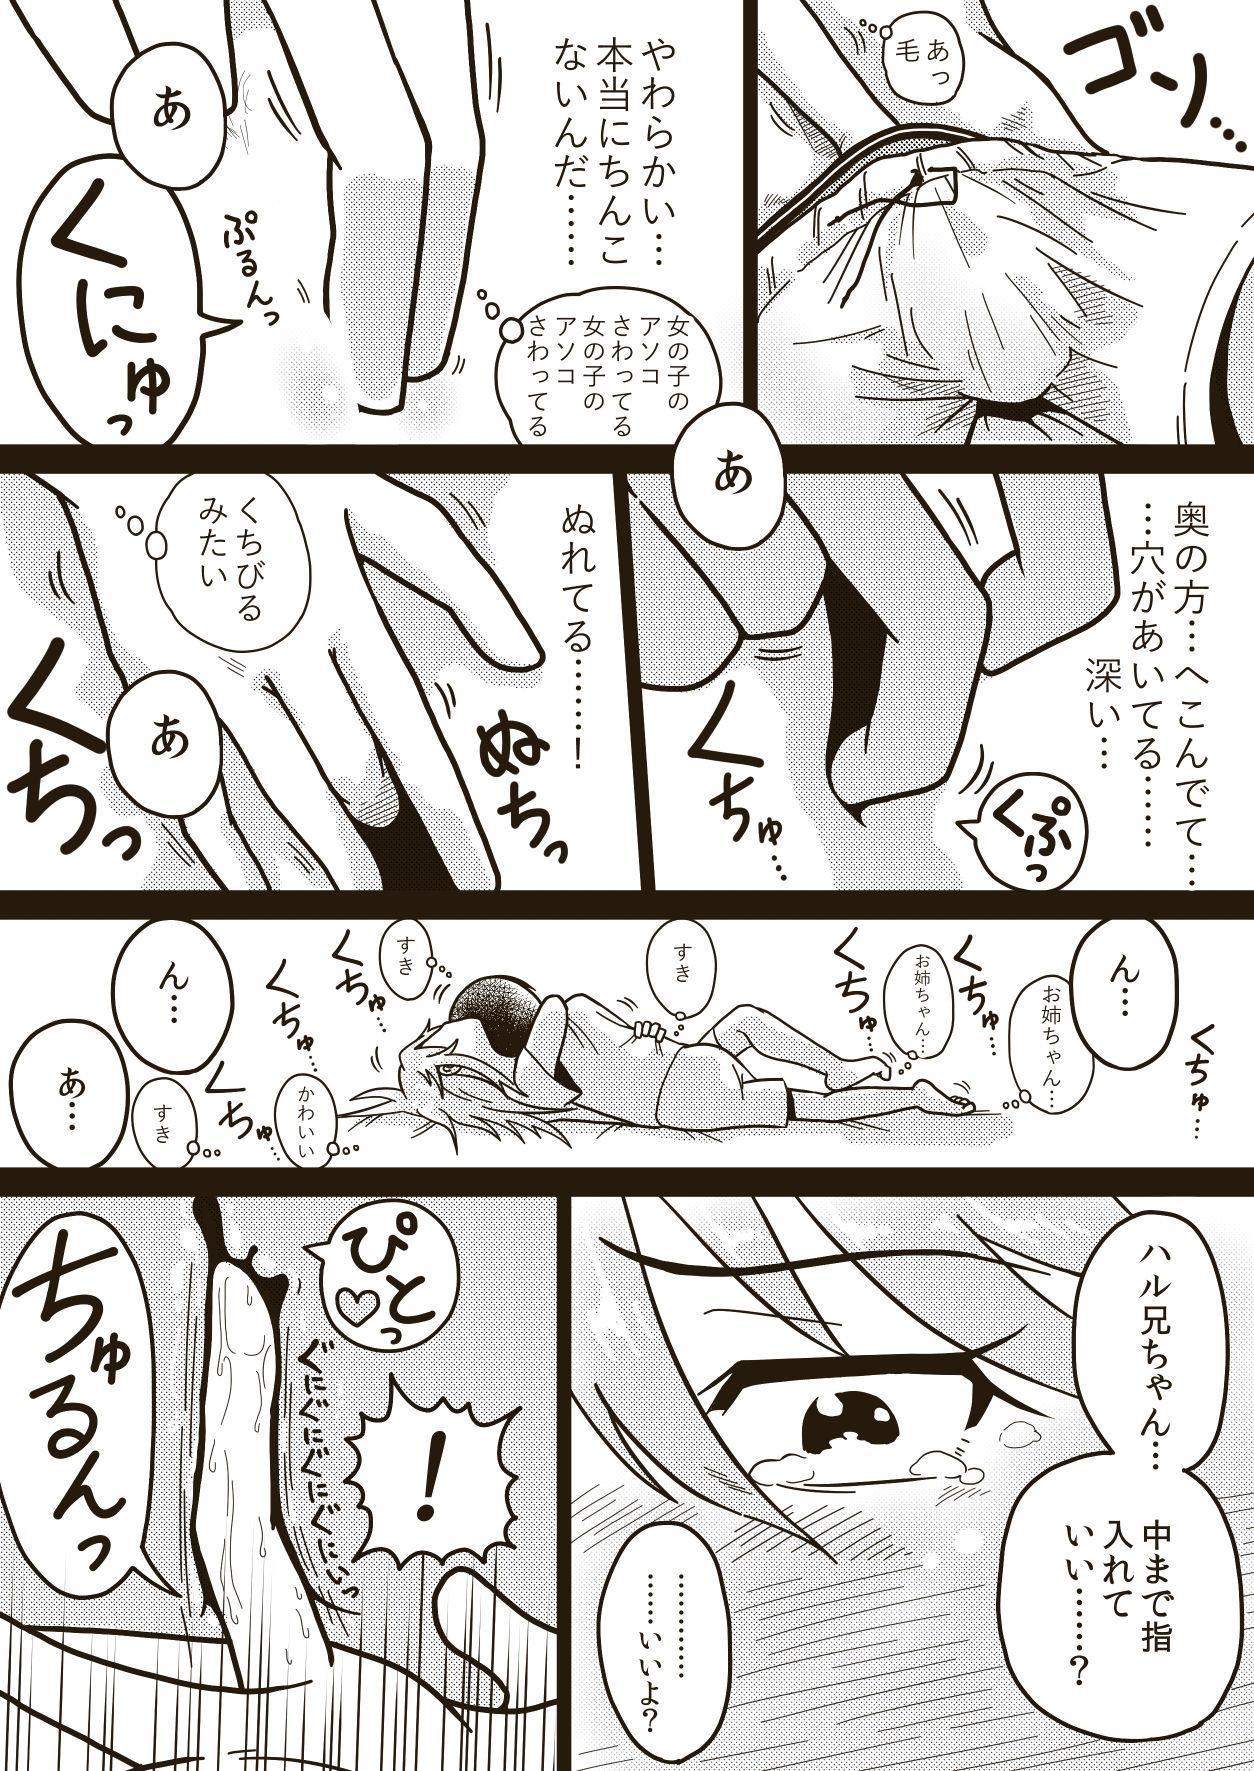 Boku no Onee-chan 11